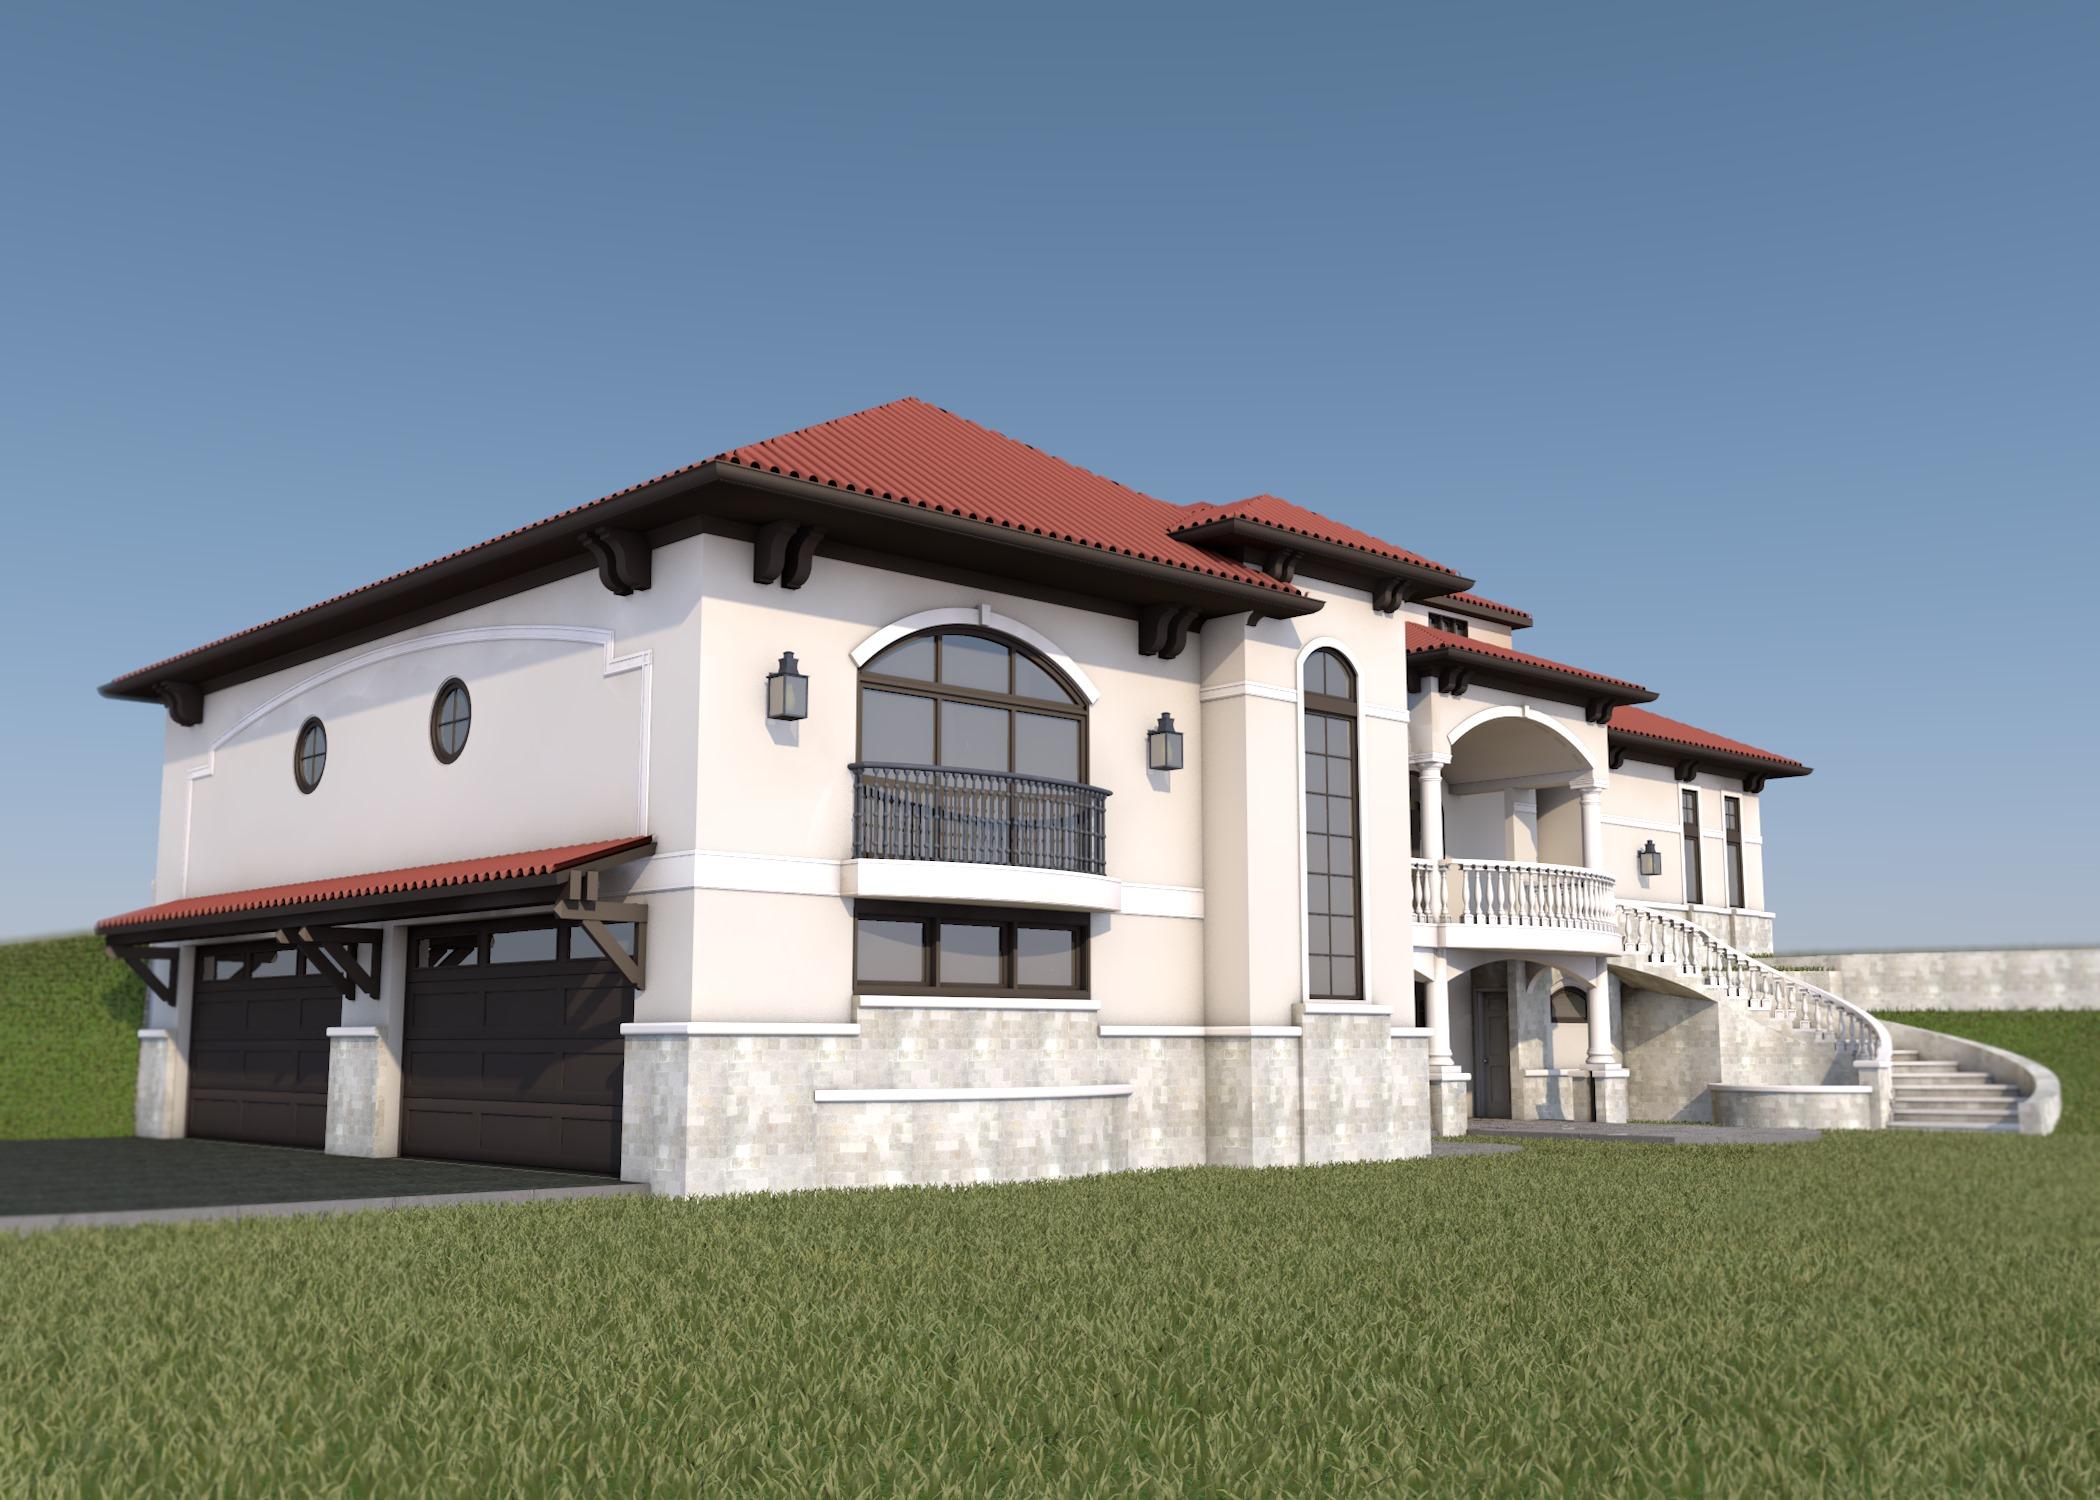 Mediterranean Style - House Design - Mediterranean Residential Design 3D render